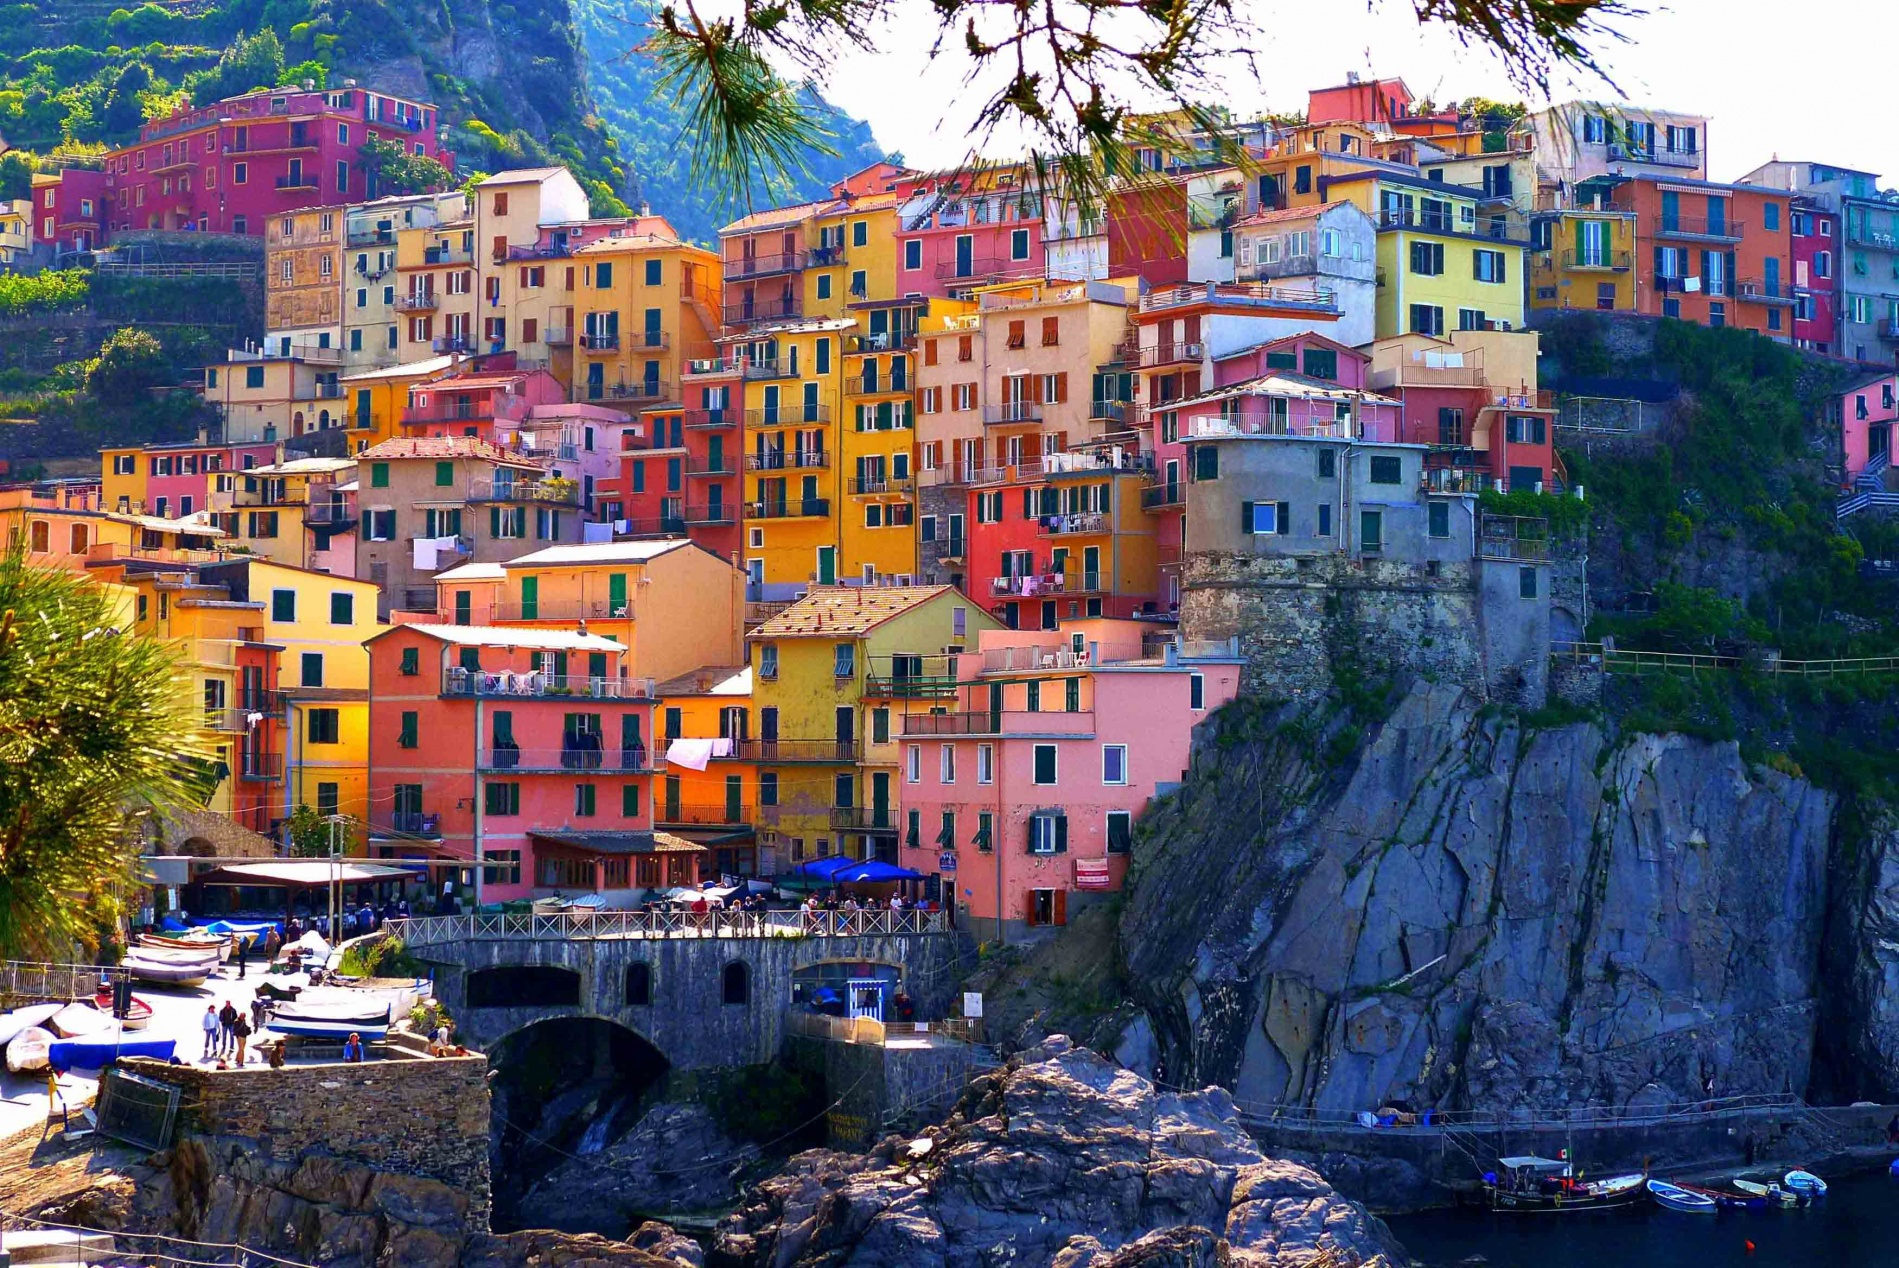 Достопримечательности Италии. Что обязательно стоит увидеть каждому?